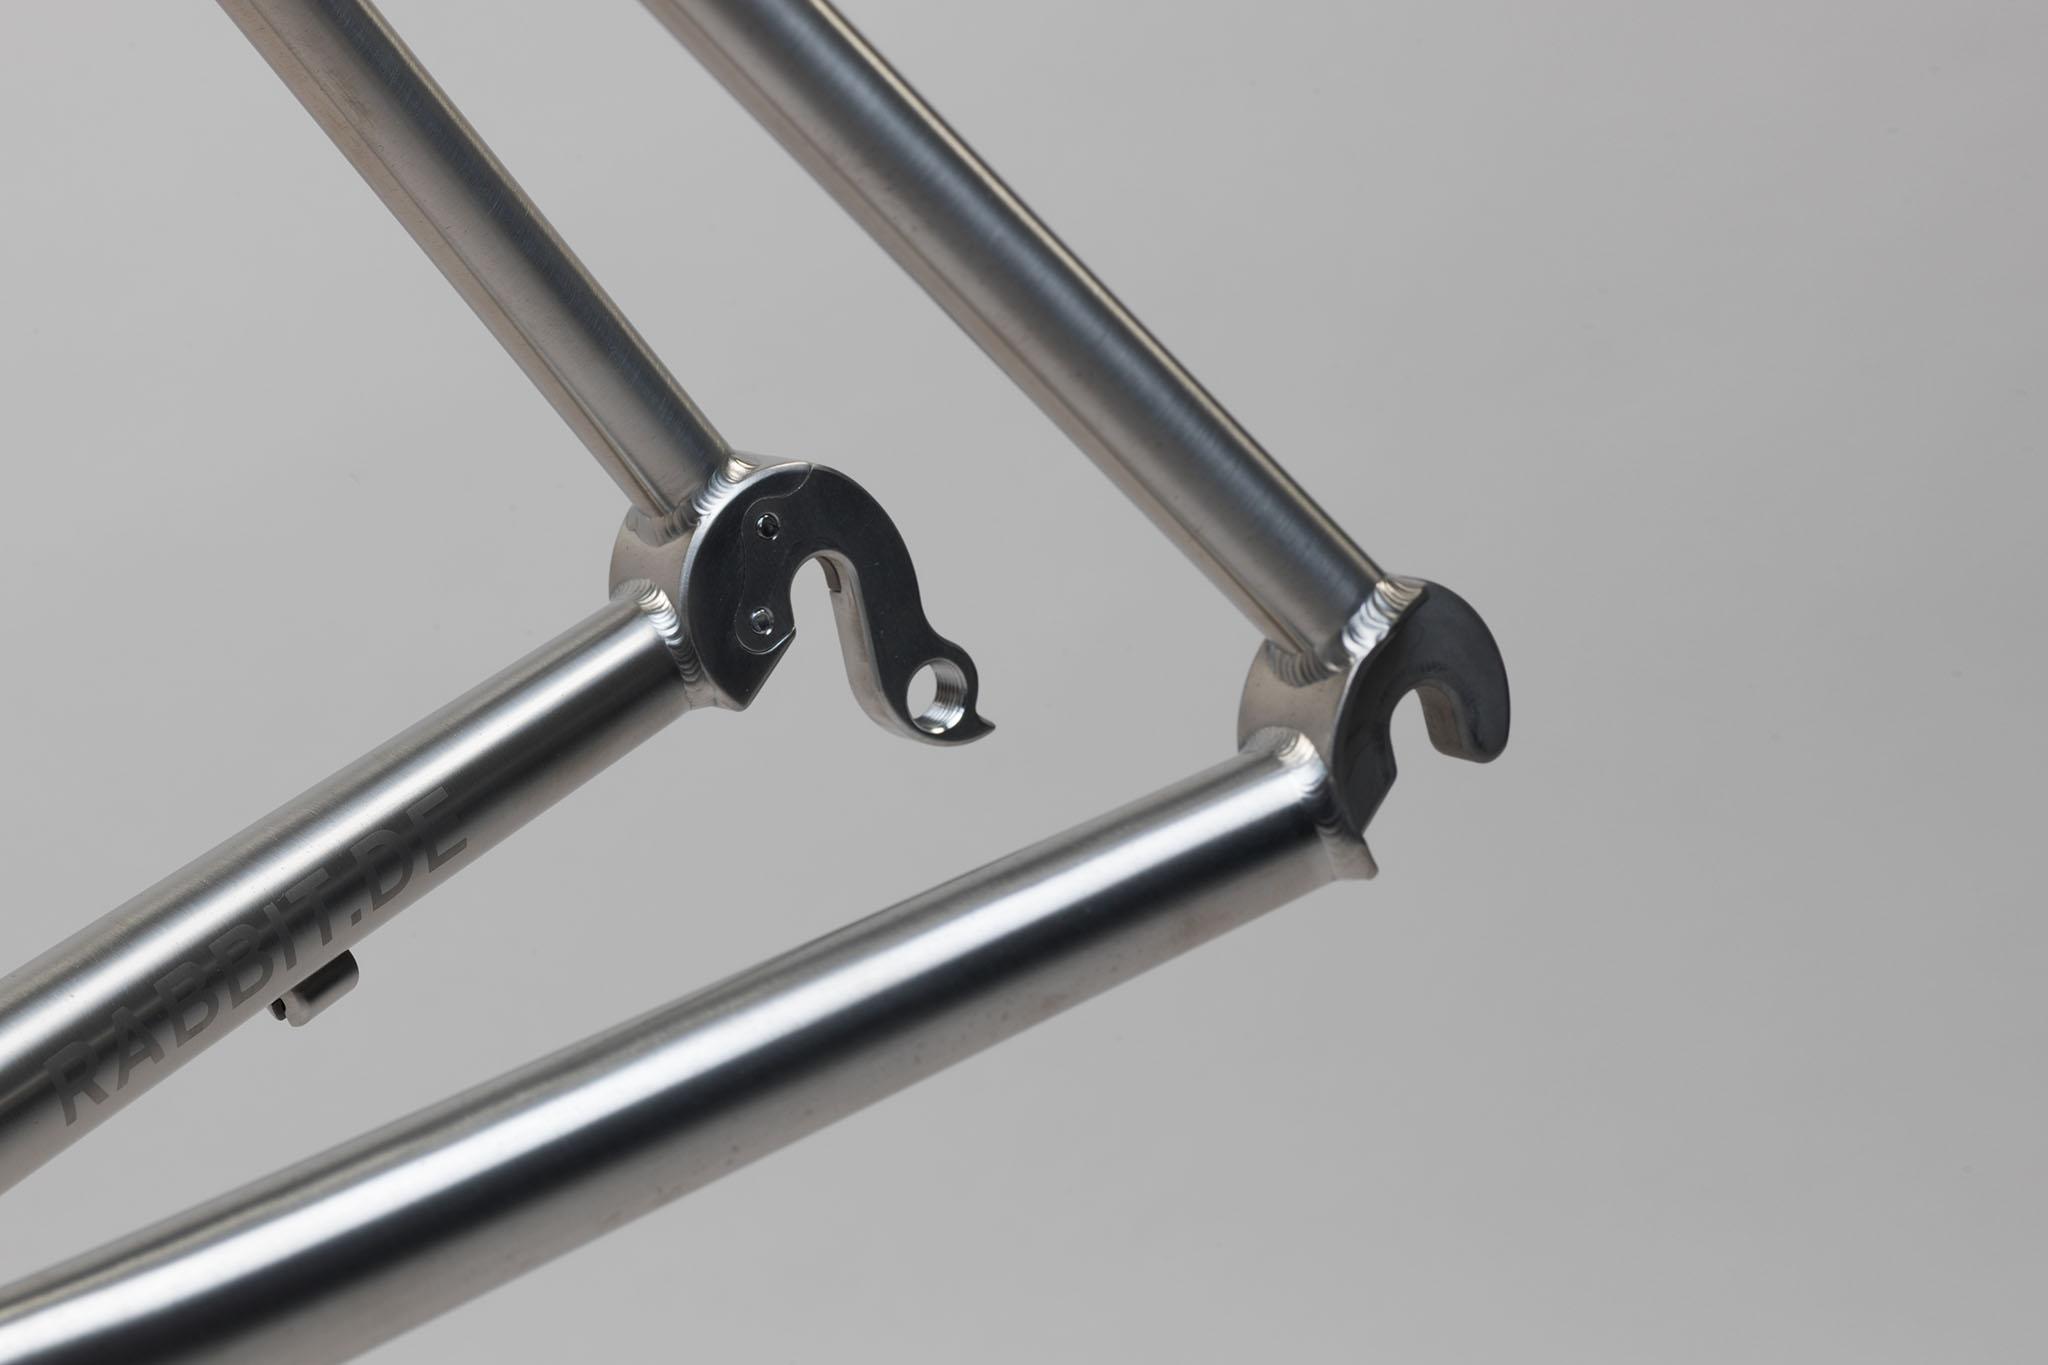 titan_road_disc_bike_ahead_carbon_wheels_43_from_rabbit_titan_cycles_bavaria